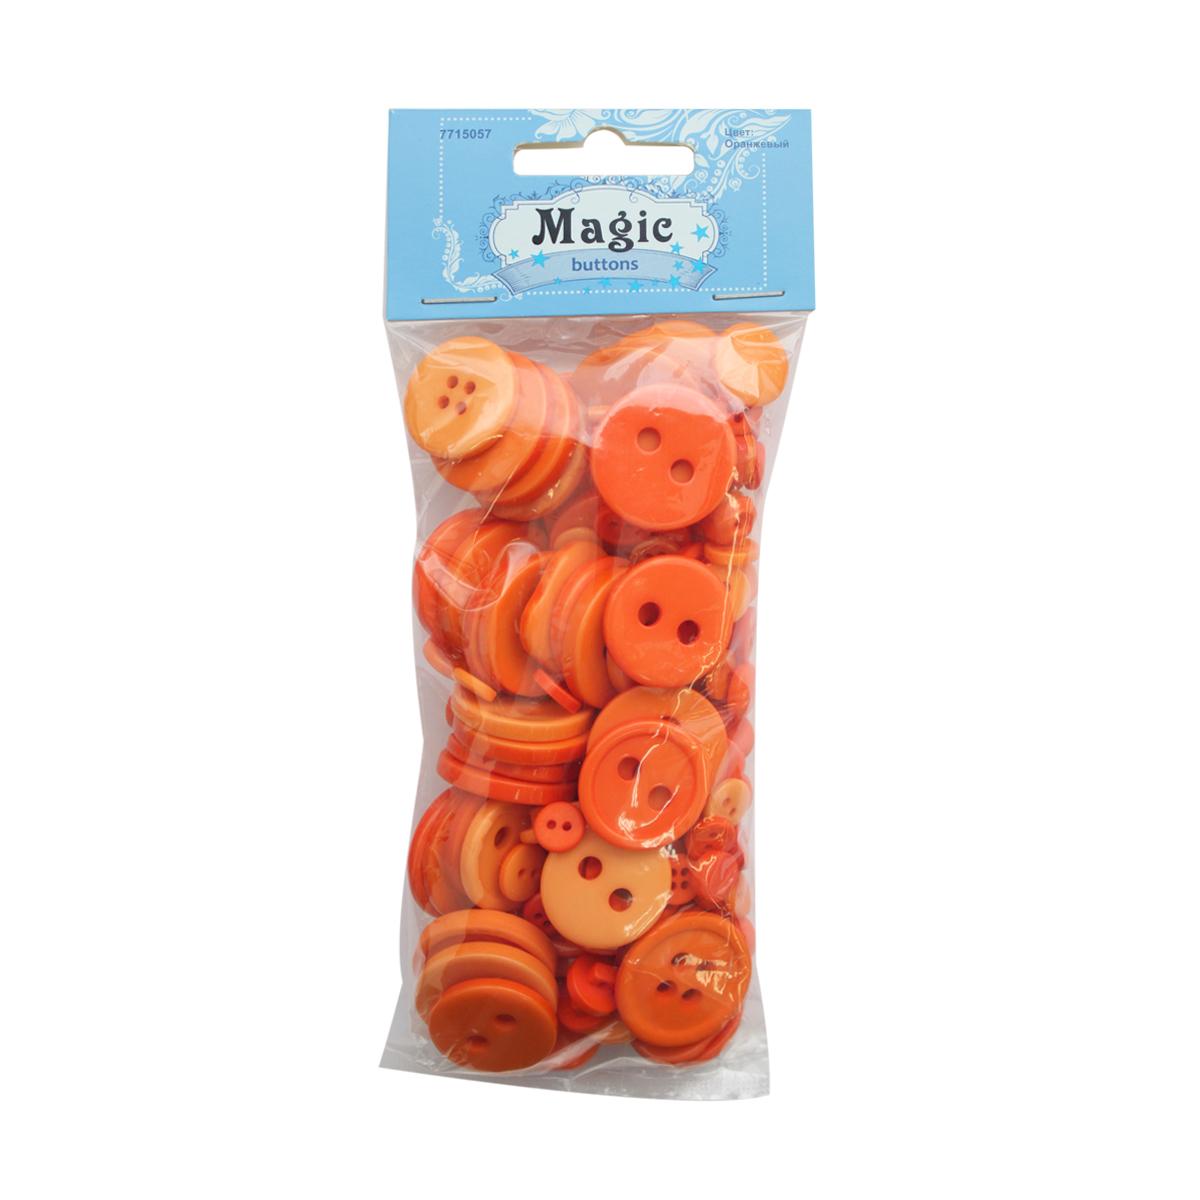 Пуговицы декоративные Magic Buttons Палитра, цвет: оранжевый, 100 г7715057_ОранжевыйЯркие и красочные пуговицы Magic Buttons станут прекрасным дополнением к любому образу. Пуговицы выполнены в разных цветовых вариантах и формах.